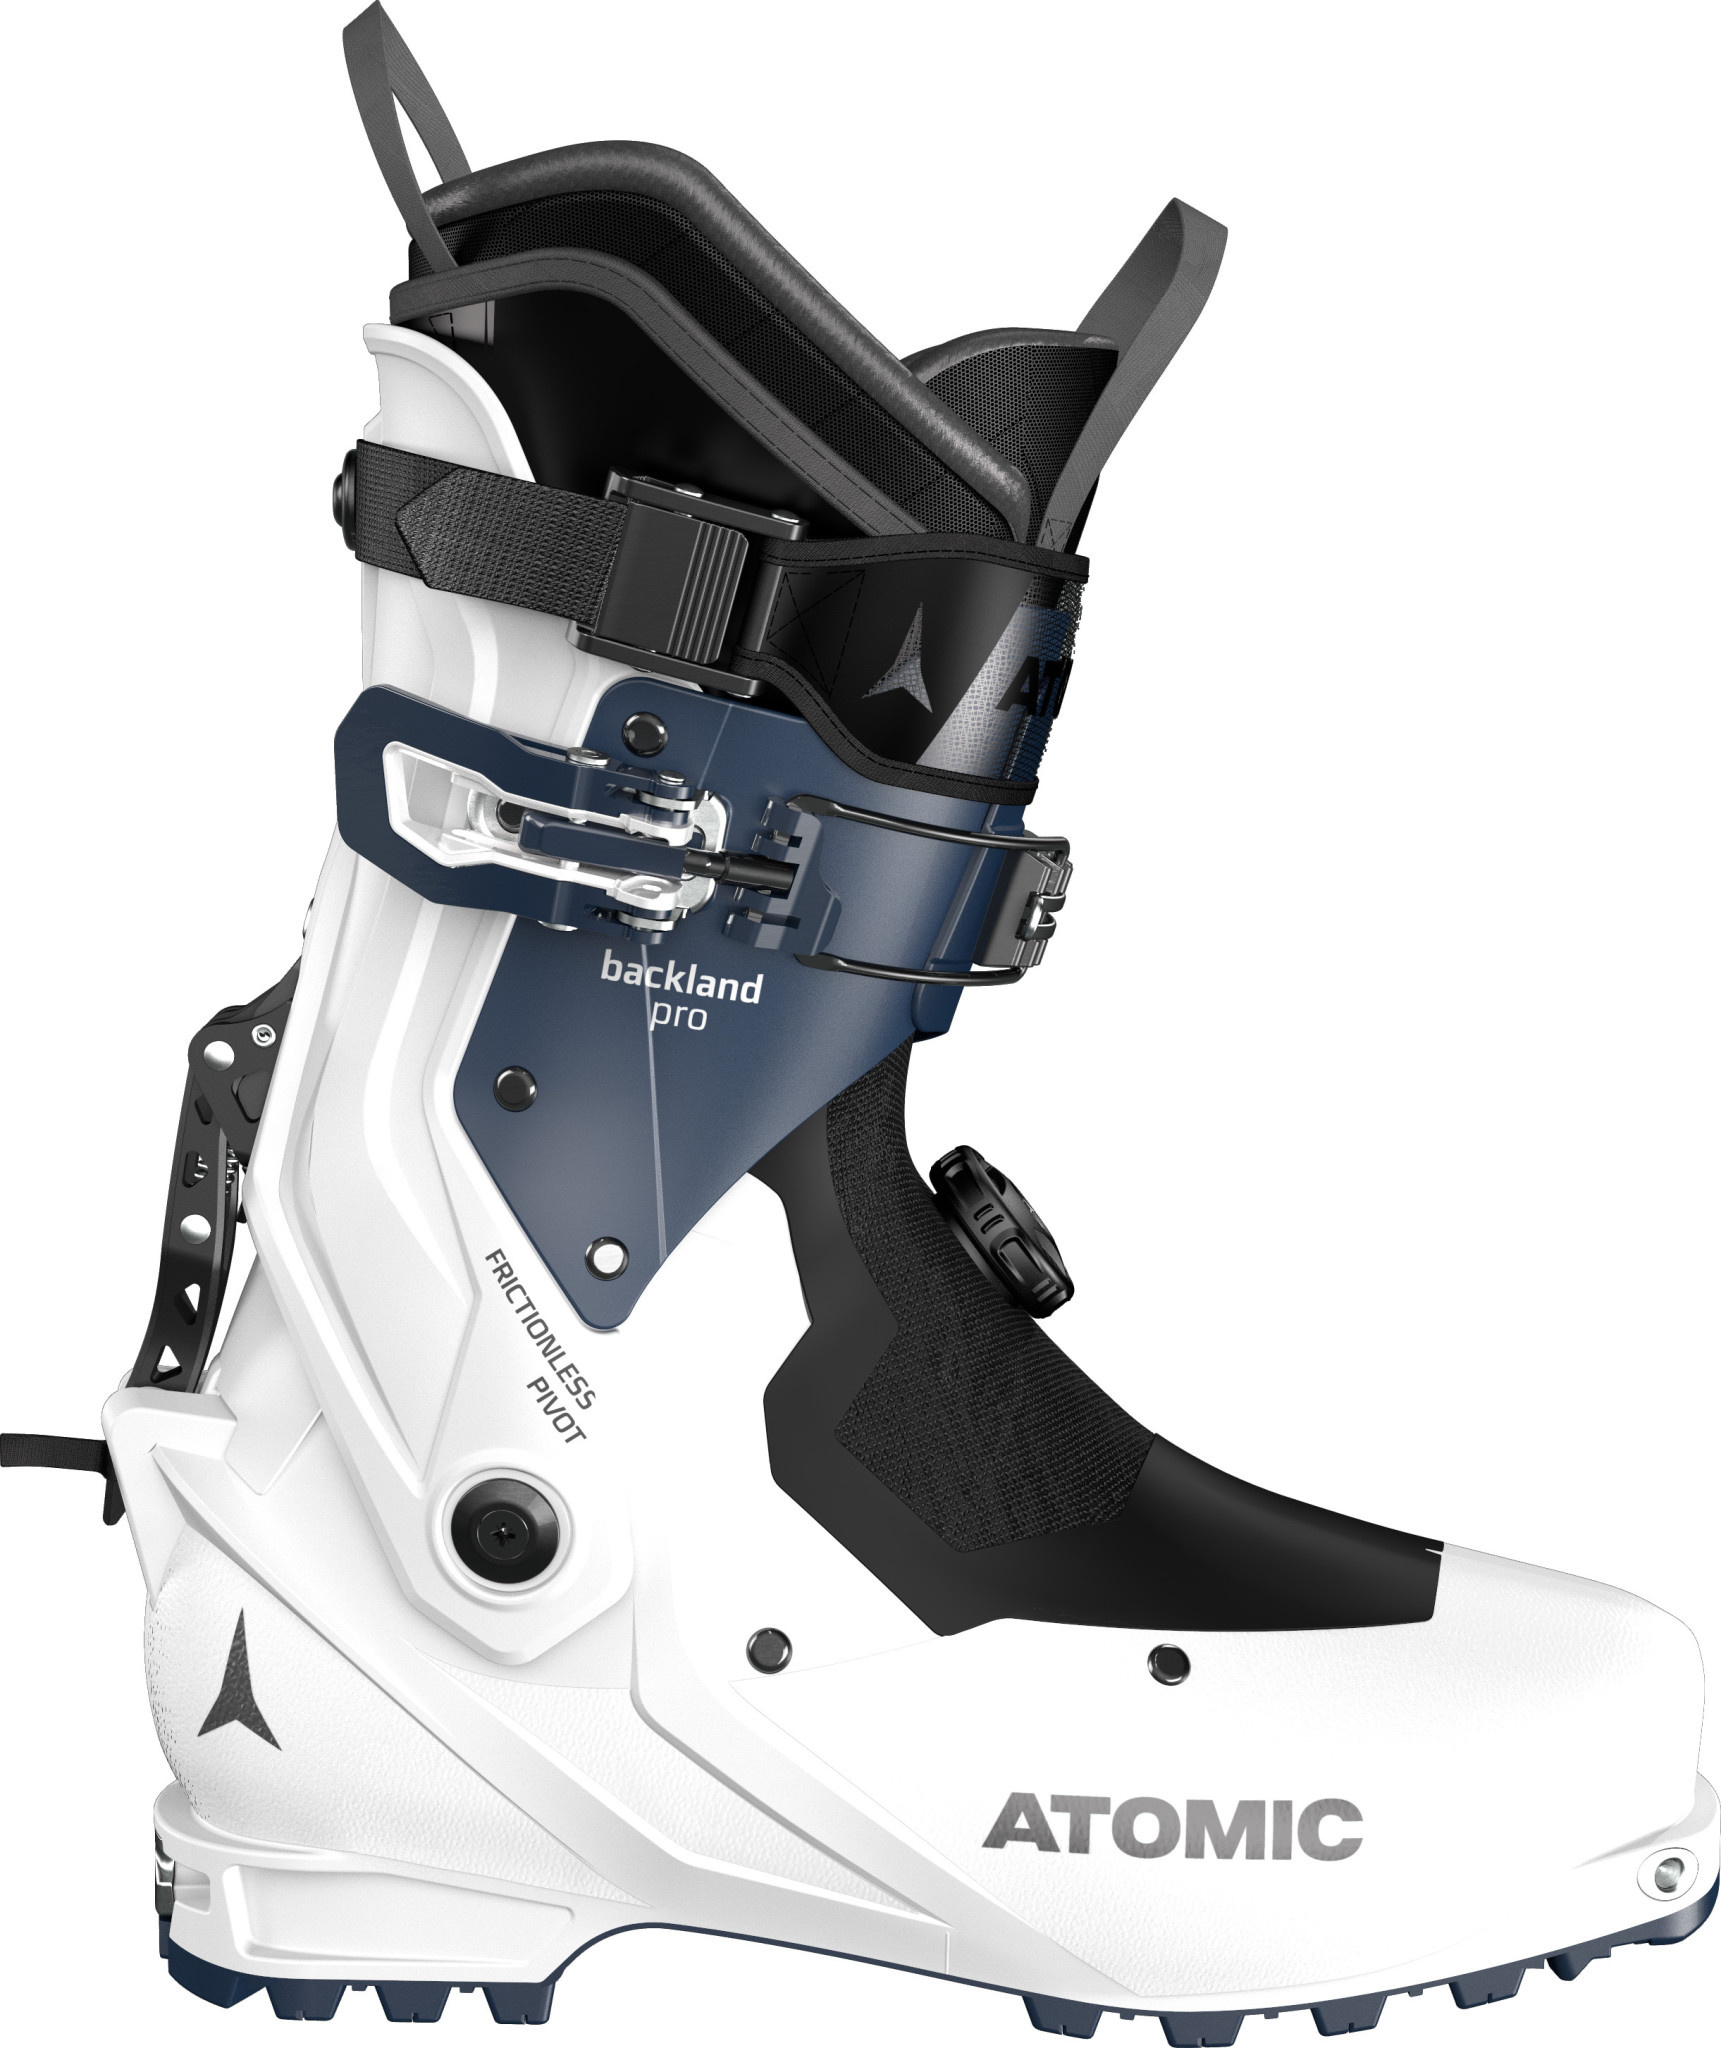 Atomic Backland Pro W-1